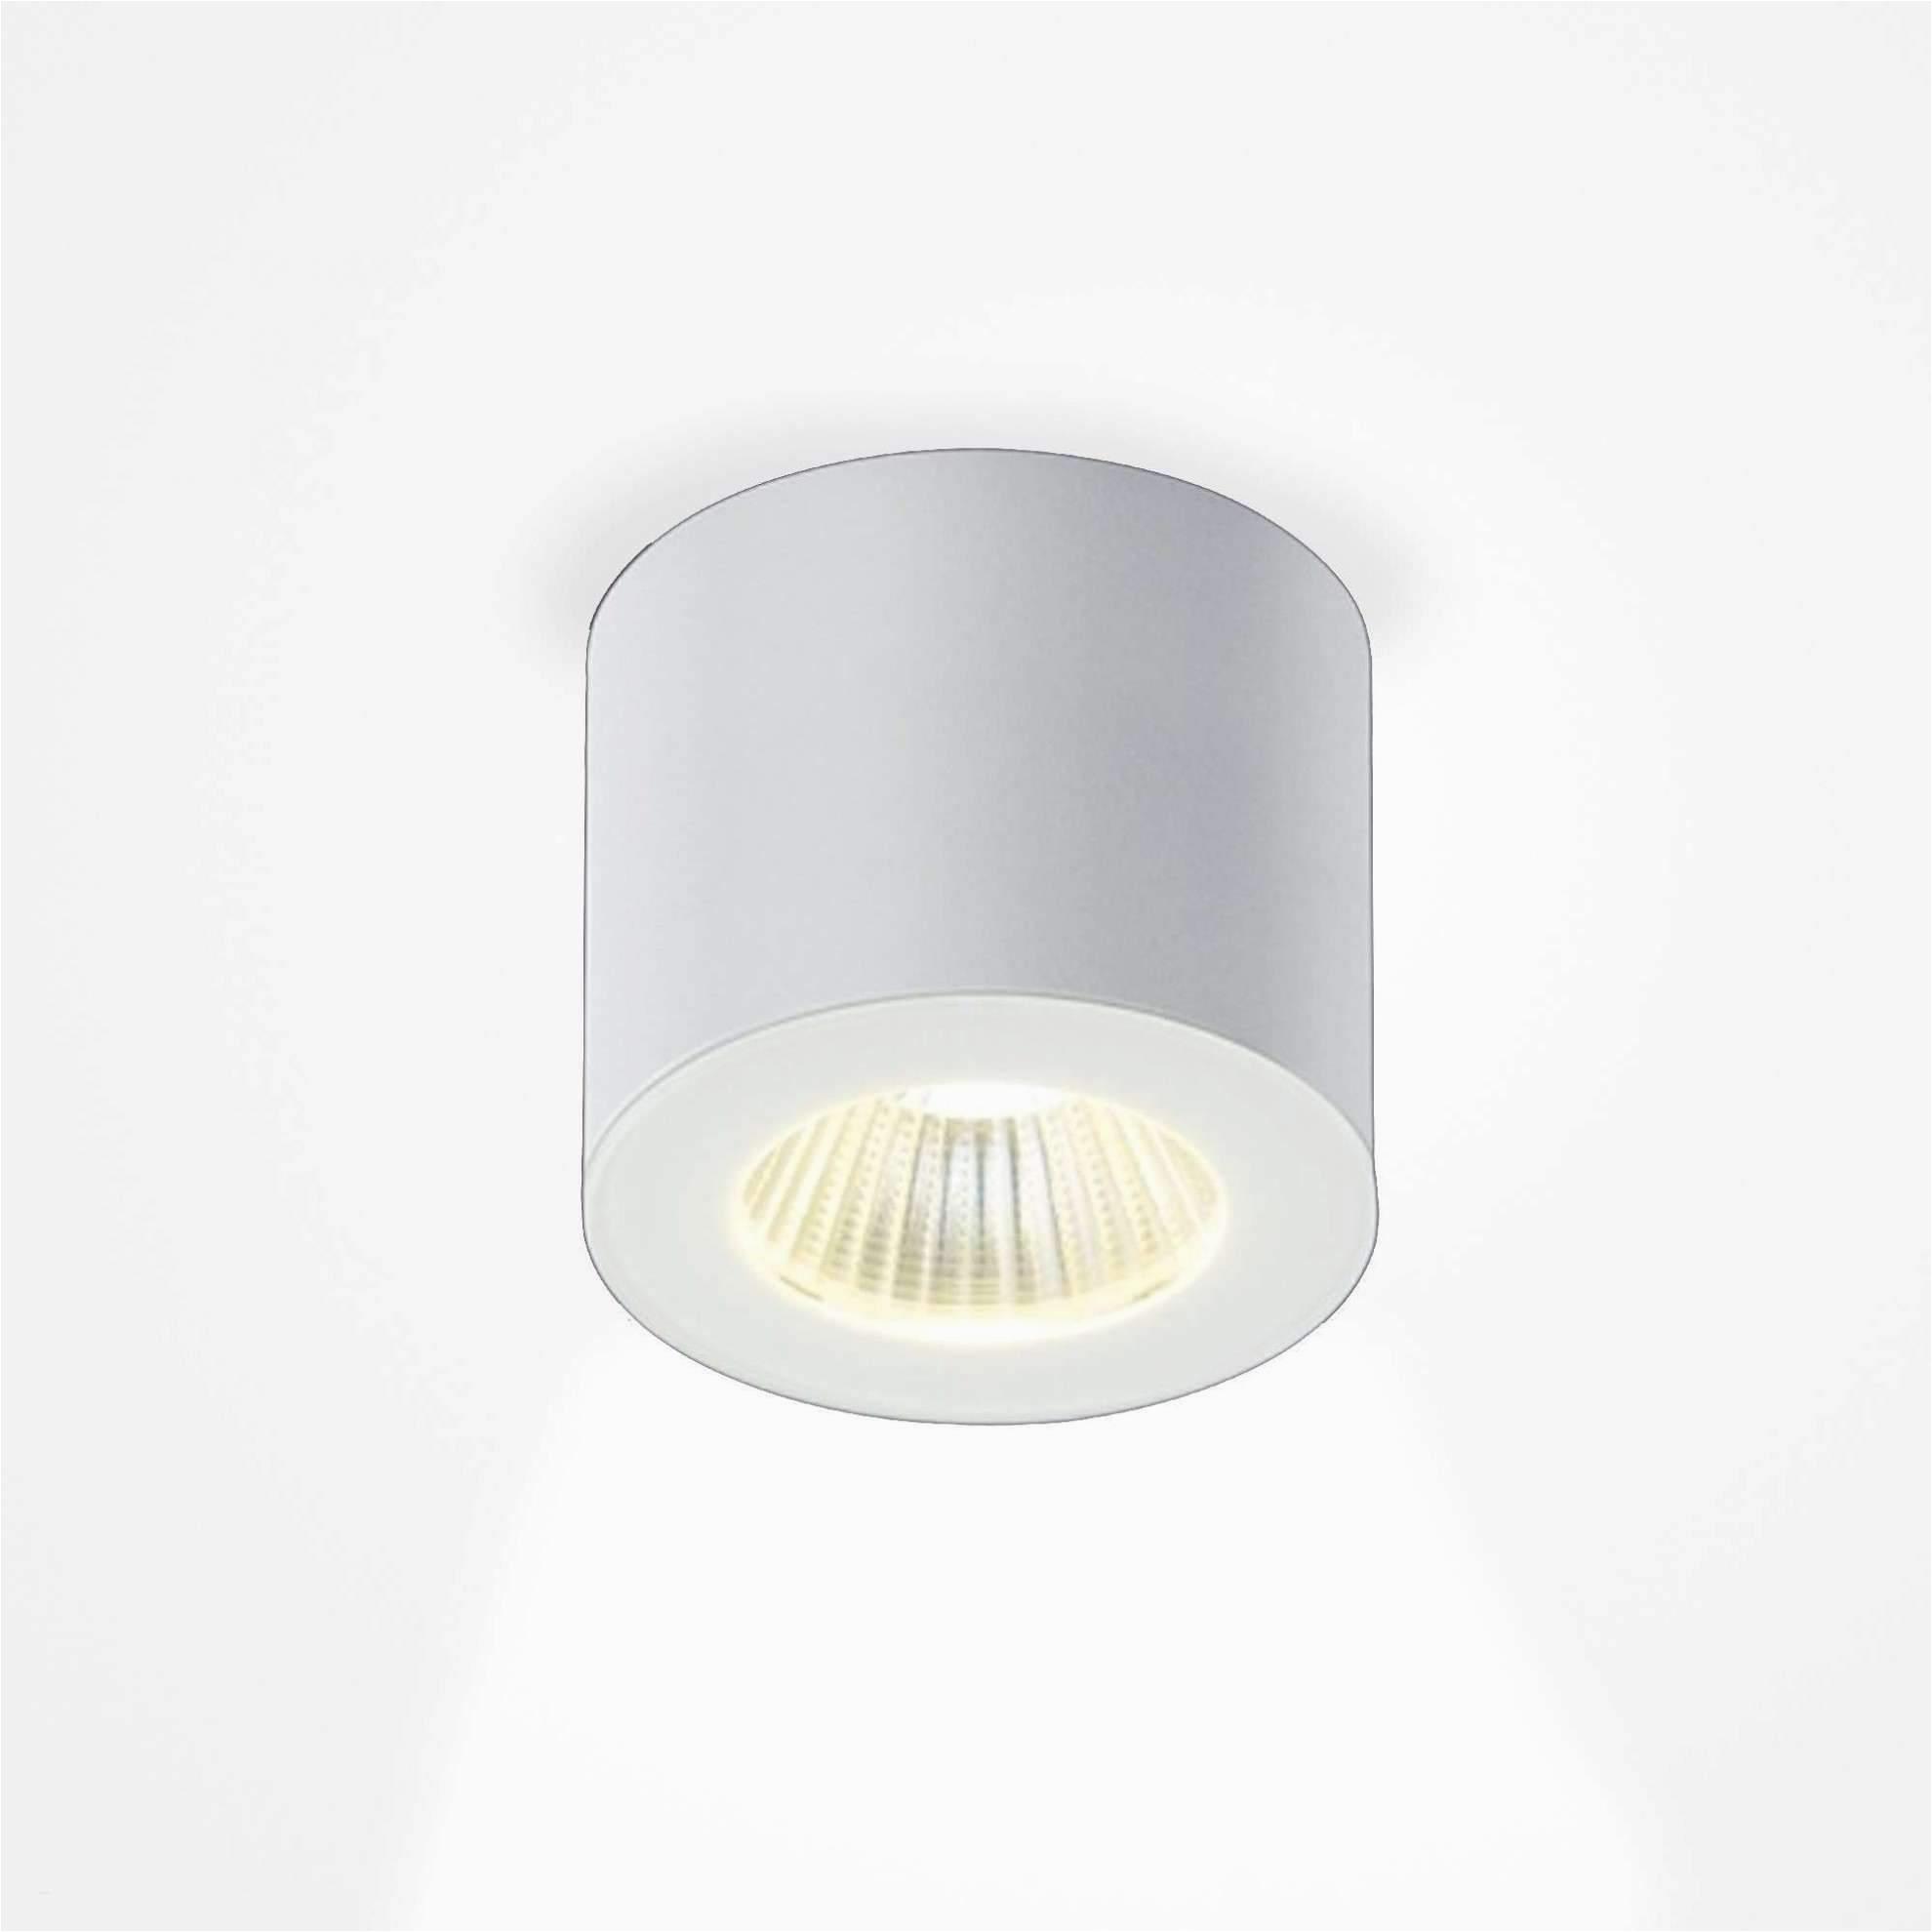 Badezimmer Deckenleuchte Modern 35 Inspirierend Deckenleuchte Wohnzimmer Design Inspirierend